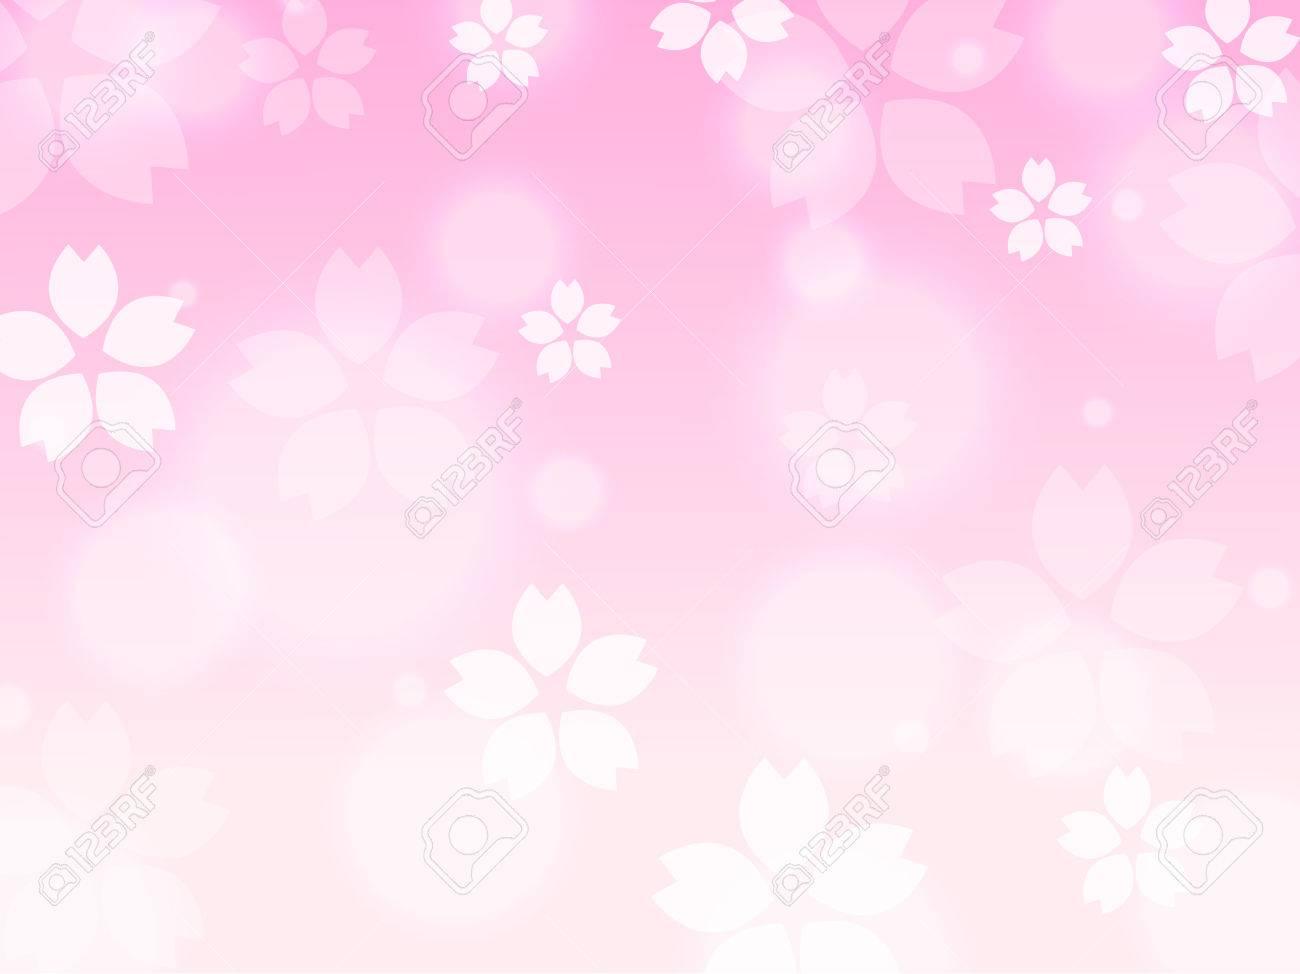 ピンクのさくら桜春背景イラスト ロイヤリティフリークリップアート